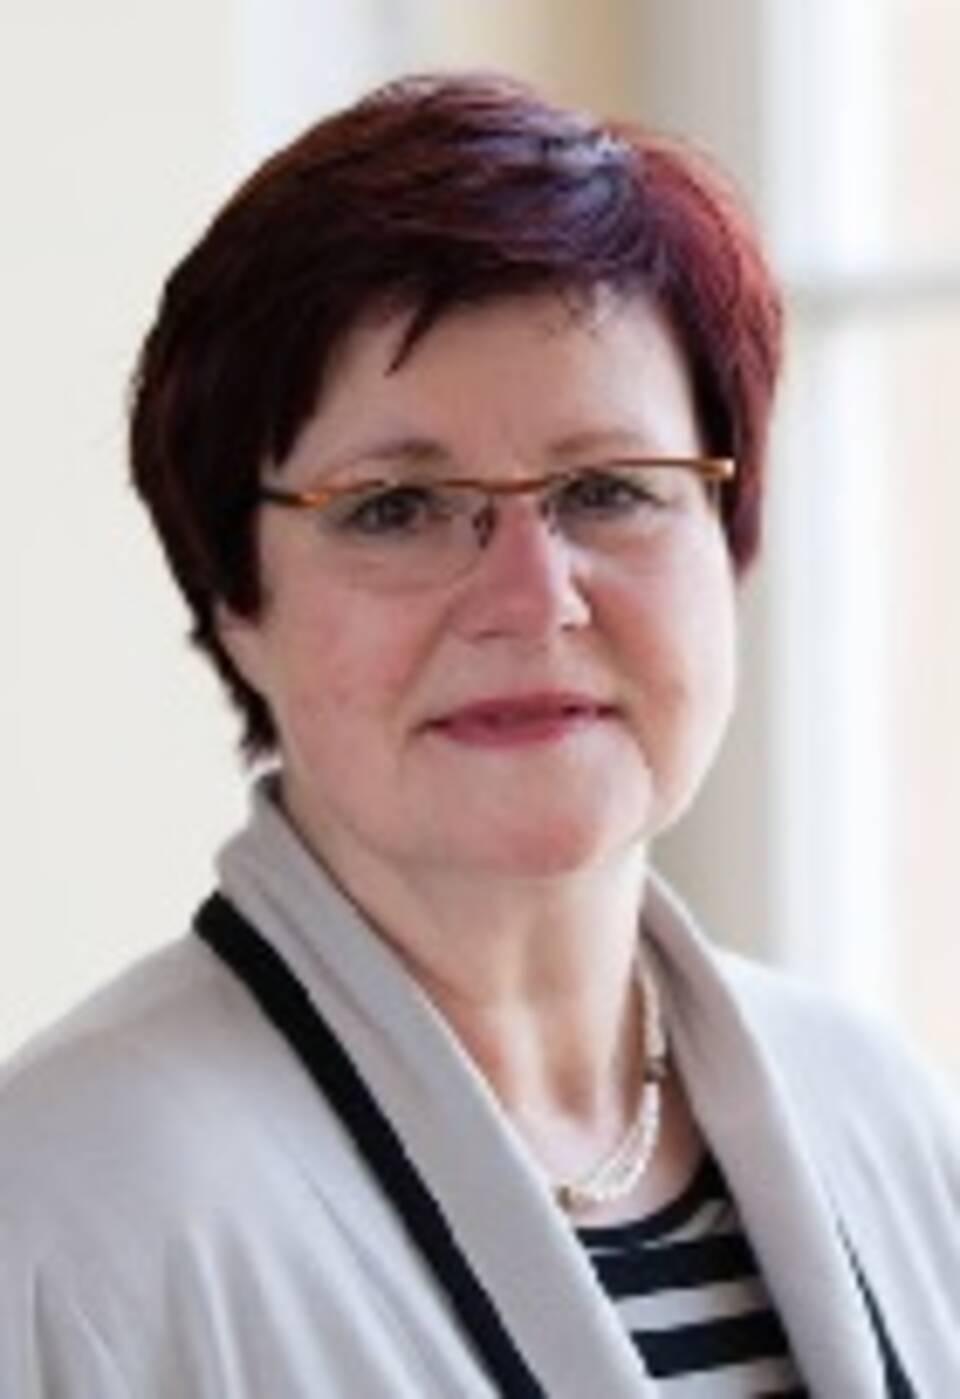 Ute Mackenstedt